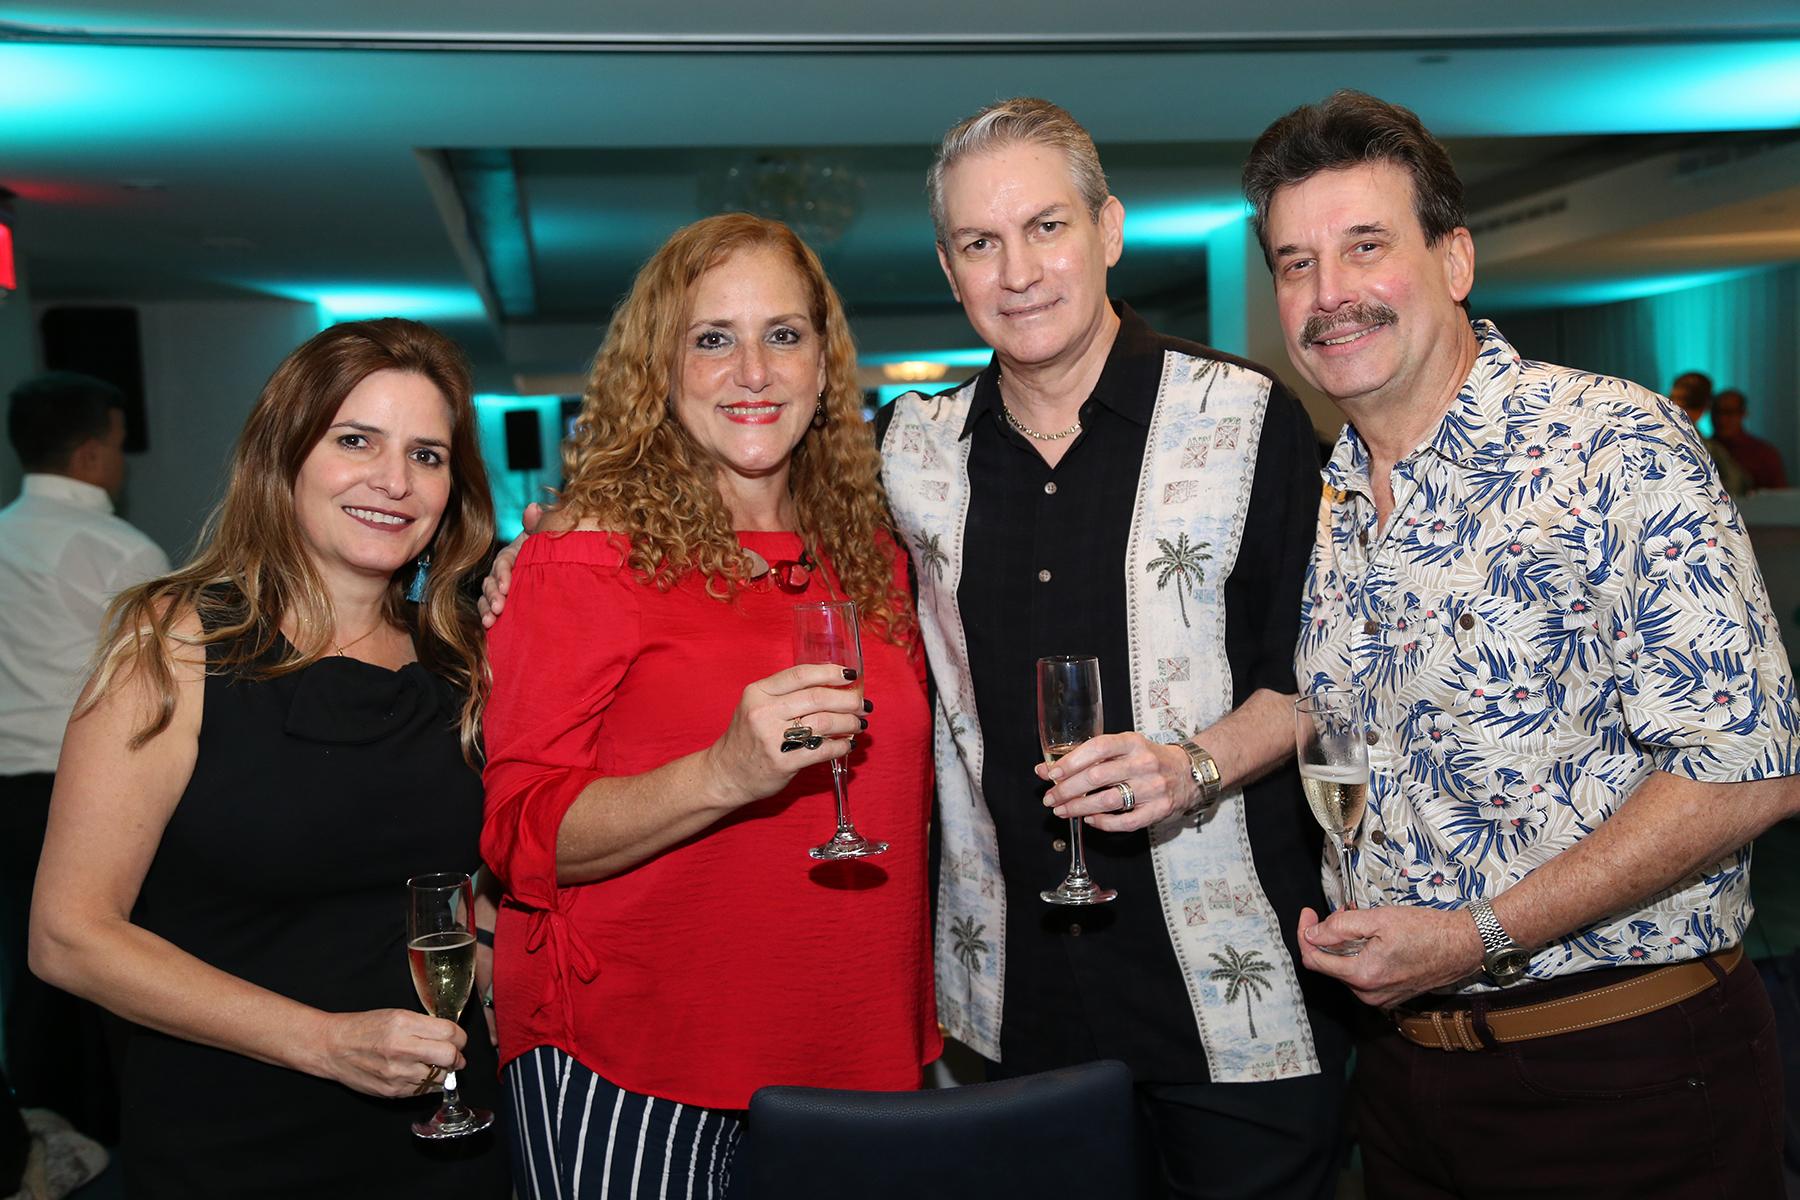 Cristina Soto, Cynthia Barron, Carlos Vallecillo y Roberto Bory. (Nichole Saldarriaga)